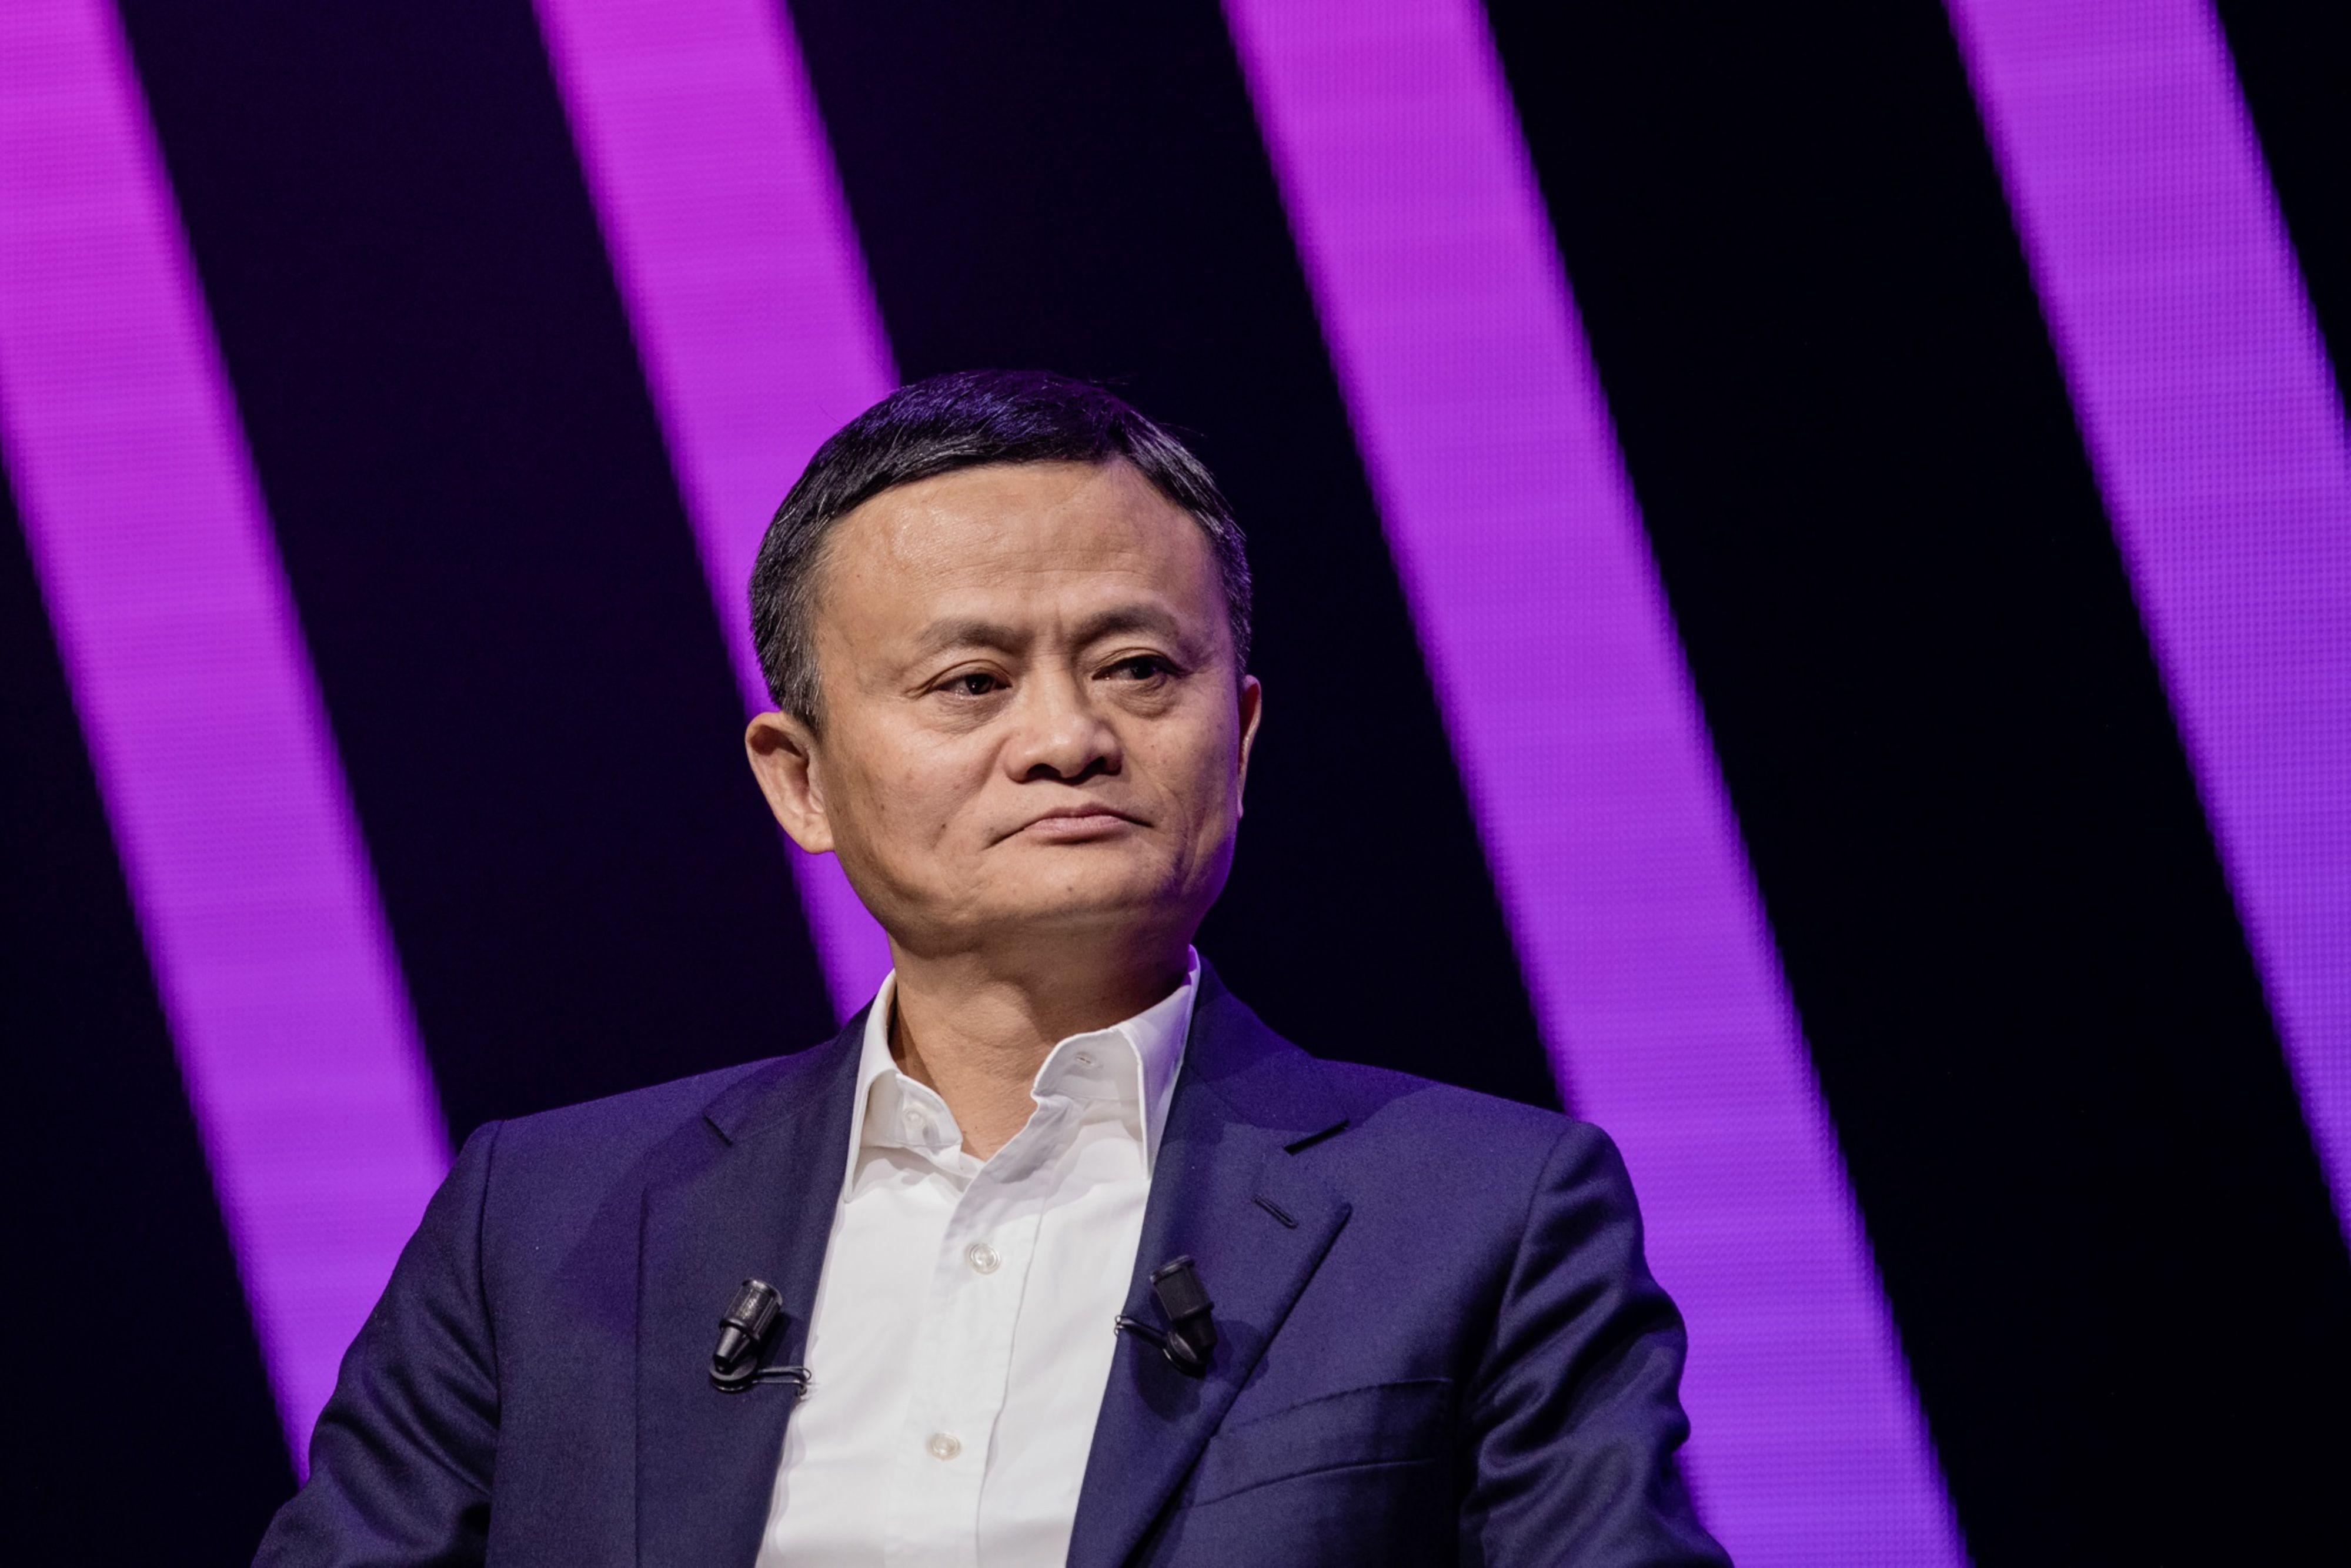 Bilionário chinês é workaholic confesso, mas agora defende jornada menor de trabalho